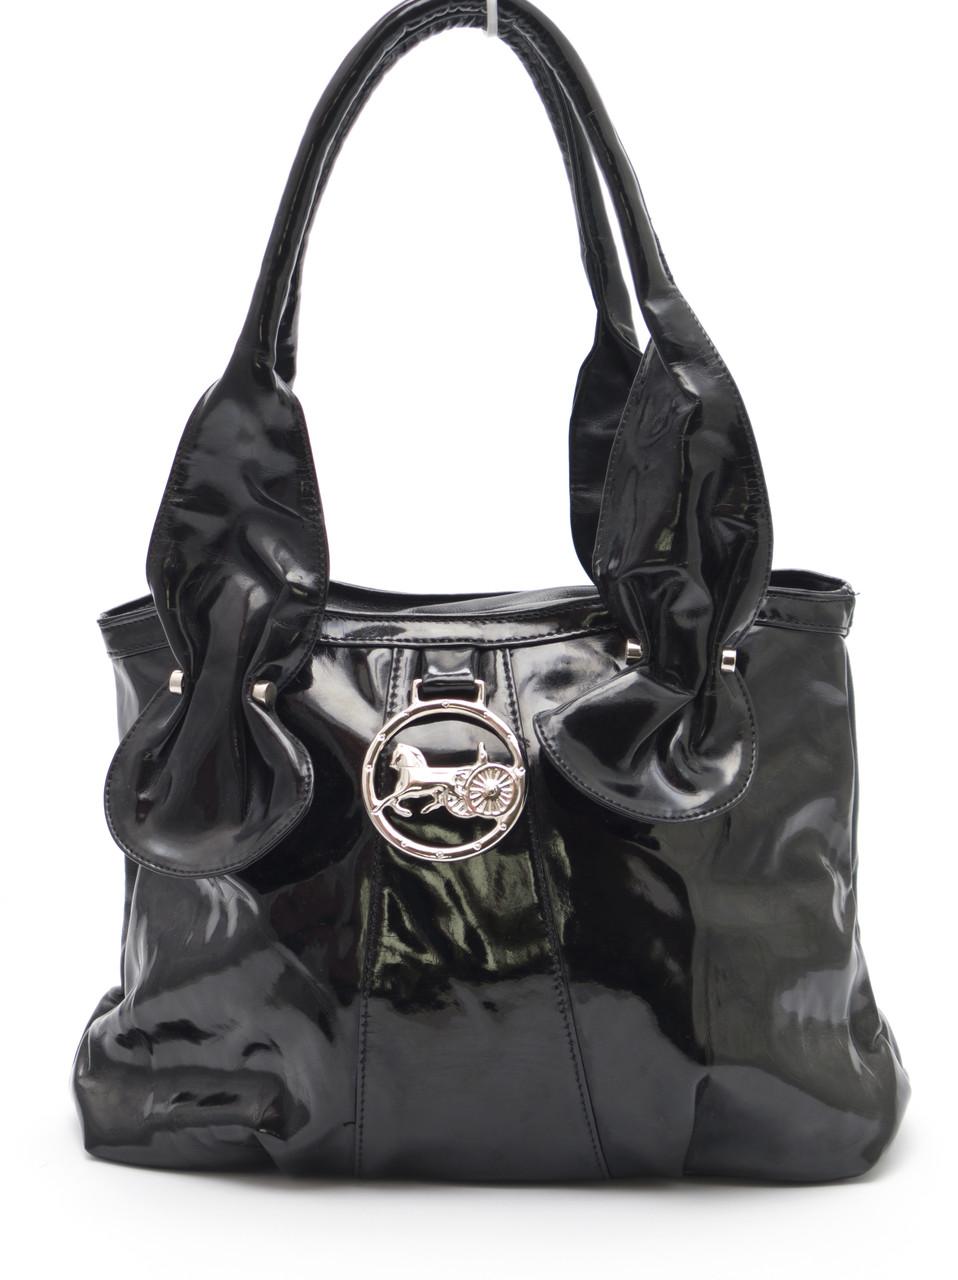 Черная лаковая женская сумка Tanta диз art. 5946